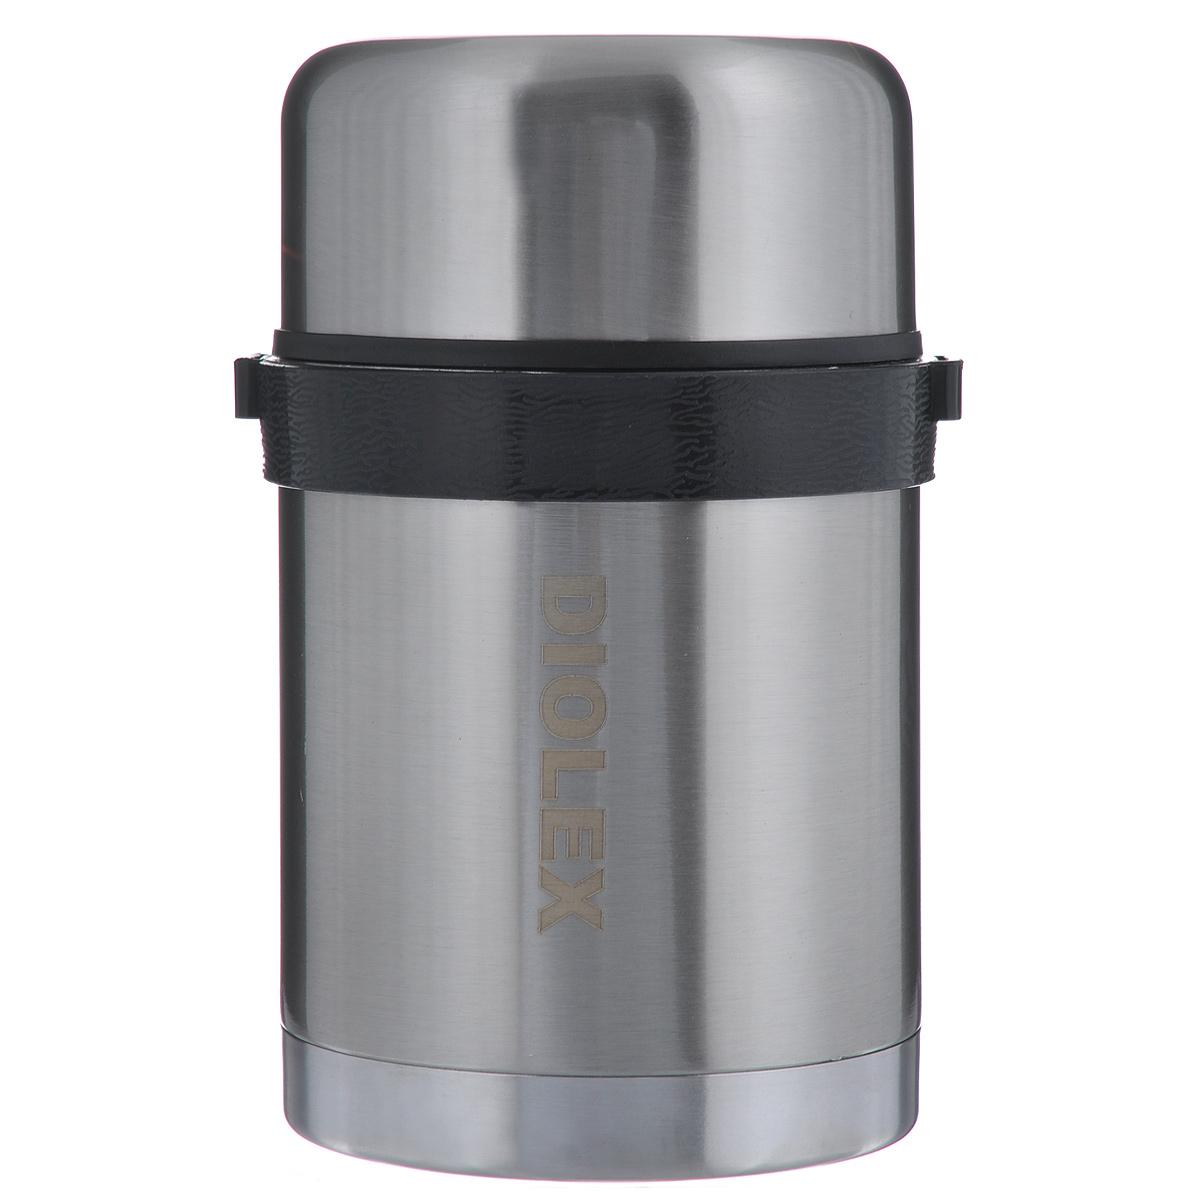 Термос Diolex, 0,8 л. DXF-800-1DXF-800-1Термос Diolex изготовлен из высококачественной нержавеющей стали. Он имеет небьющуюся двойную внутреннюю колбу и изолированную крышку. Съемный ремешок для переноски делает использование термоса легким и удобным. Термос сохраняет напитки и продукты горячими в течение 12 часов, а холодными в течение 24 часов. Легкий и прочный термос Diolex идеально подойдет для транспортировки и путешествий.